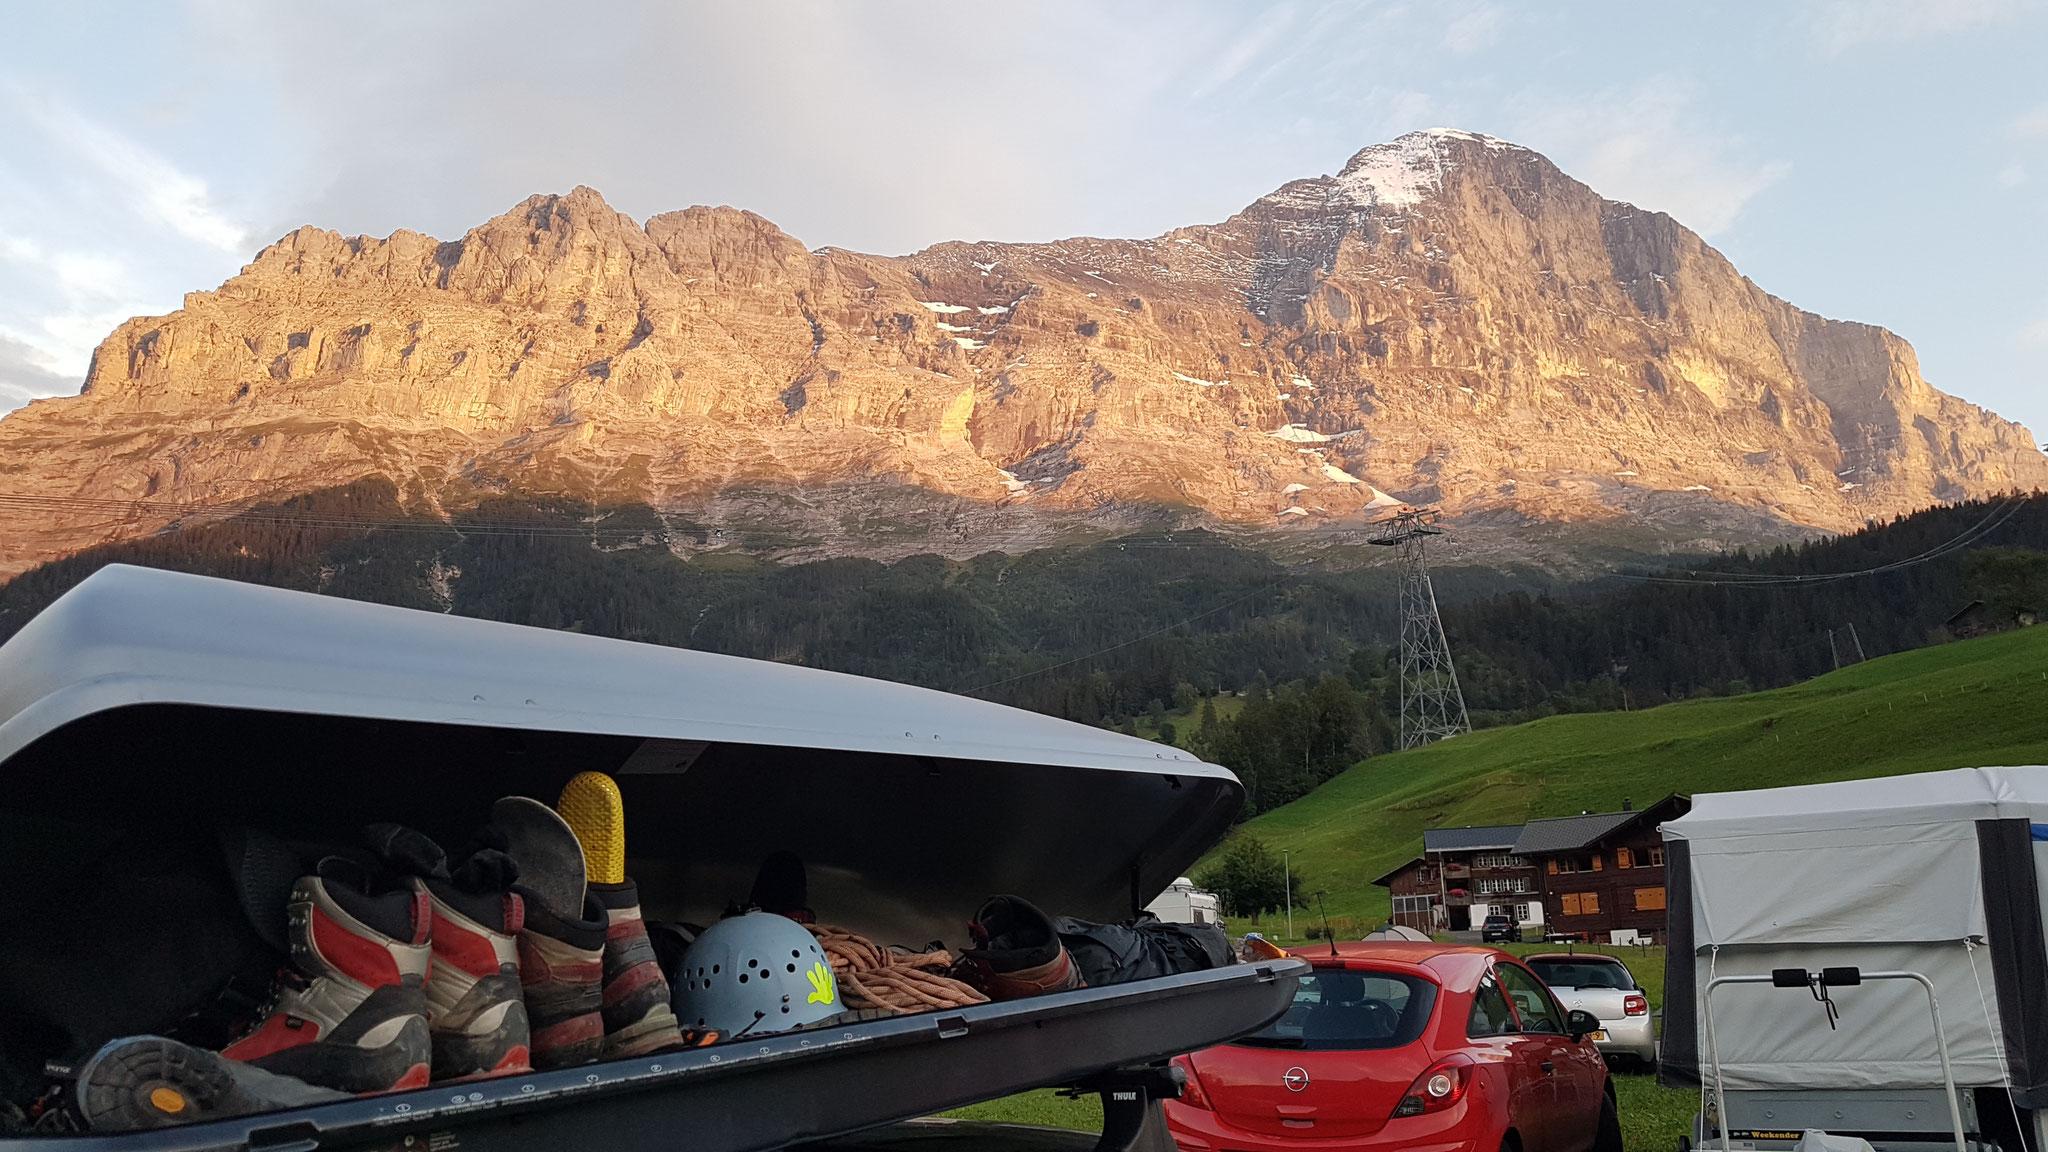 Blick vom Campingplatz Eigernordwand in Grindelwald in die Eiger-Nordwand